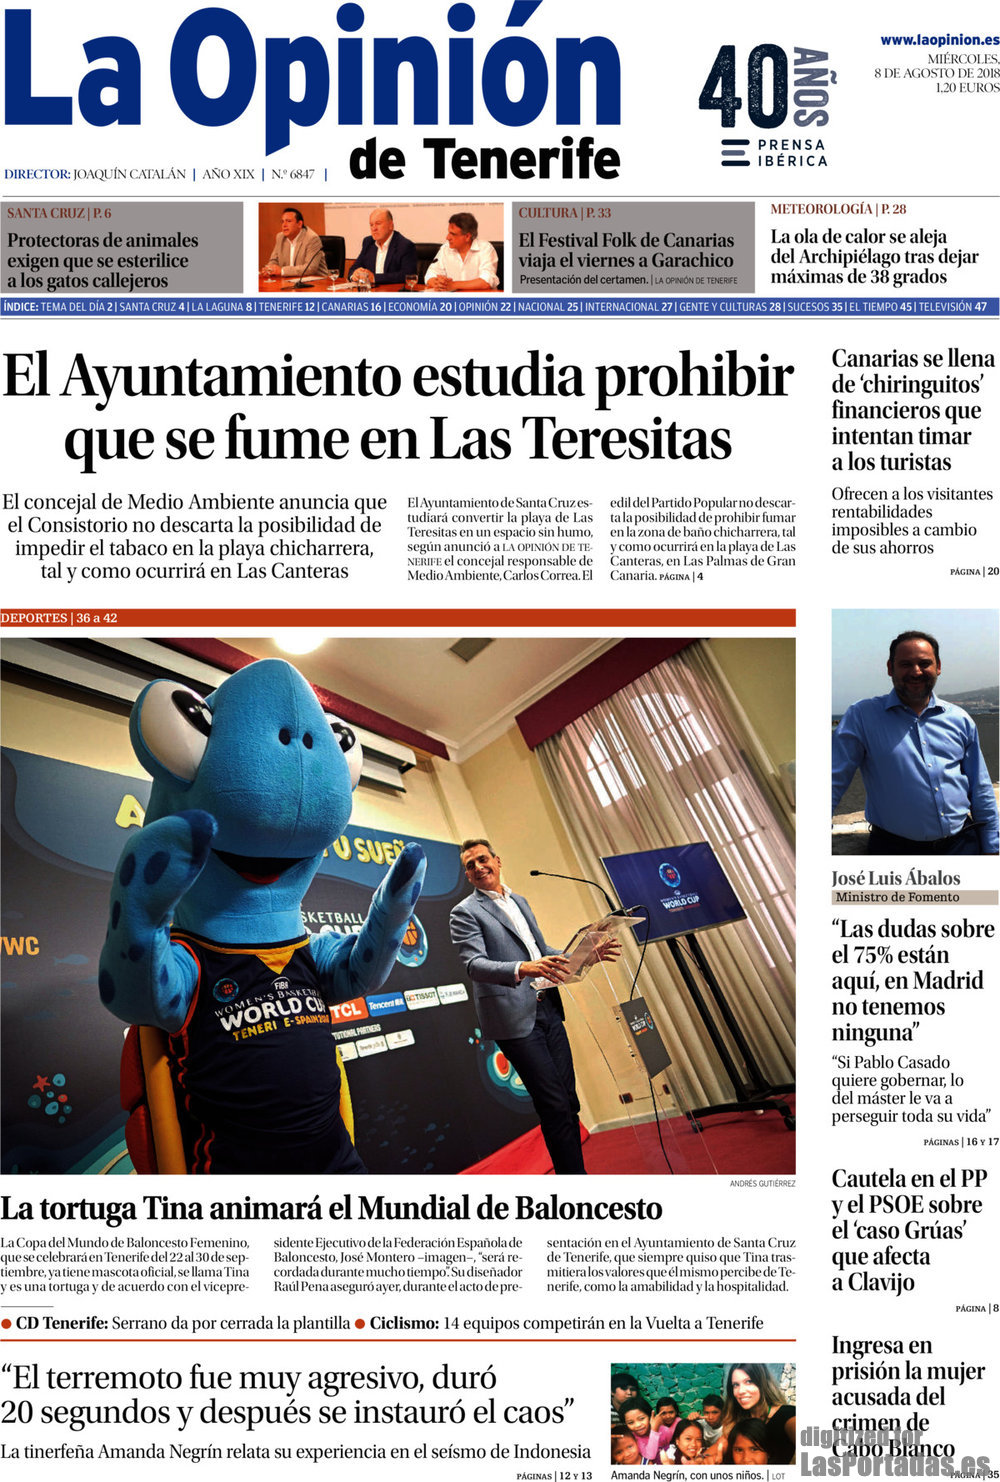 Periodico La Opinión de Tenerife - 8/8/2018